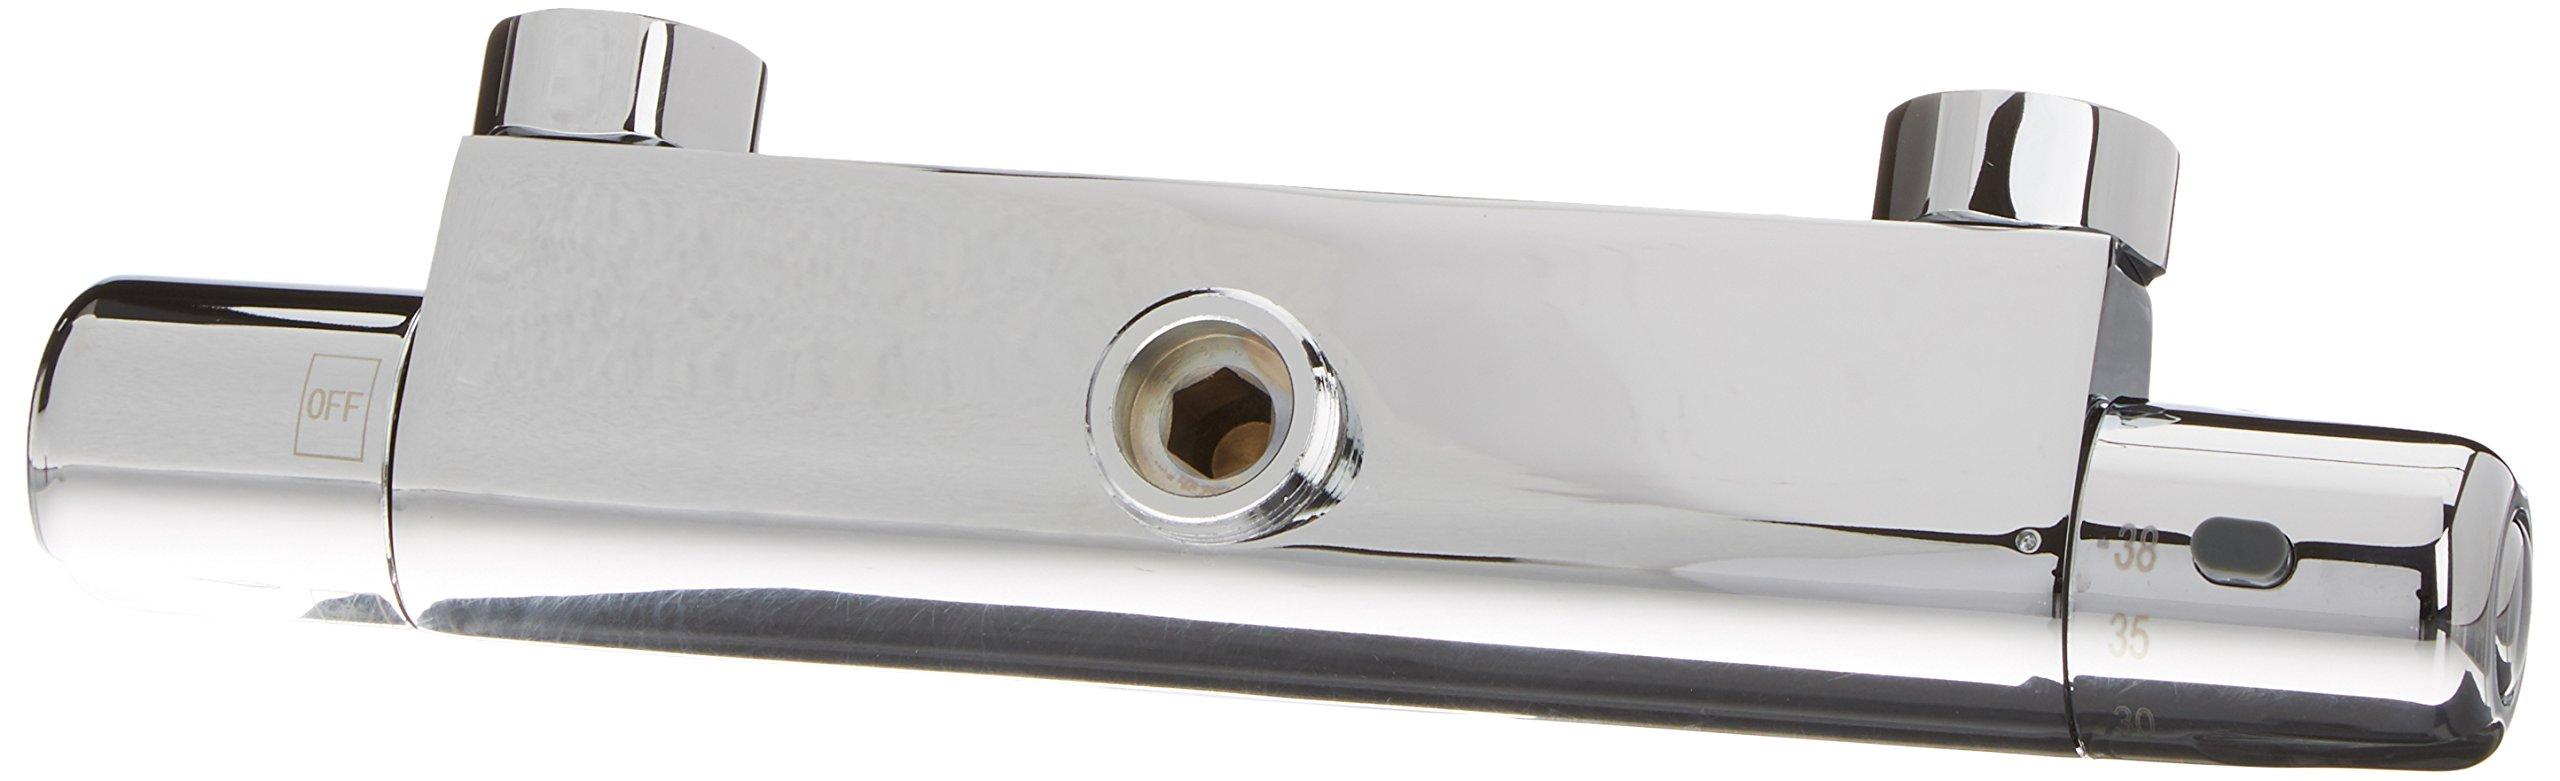 OXEN 150994 – Grifo termostático redondo para columna de ducha